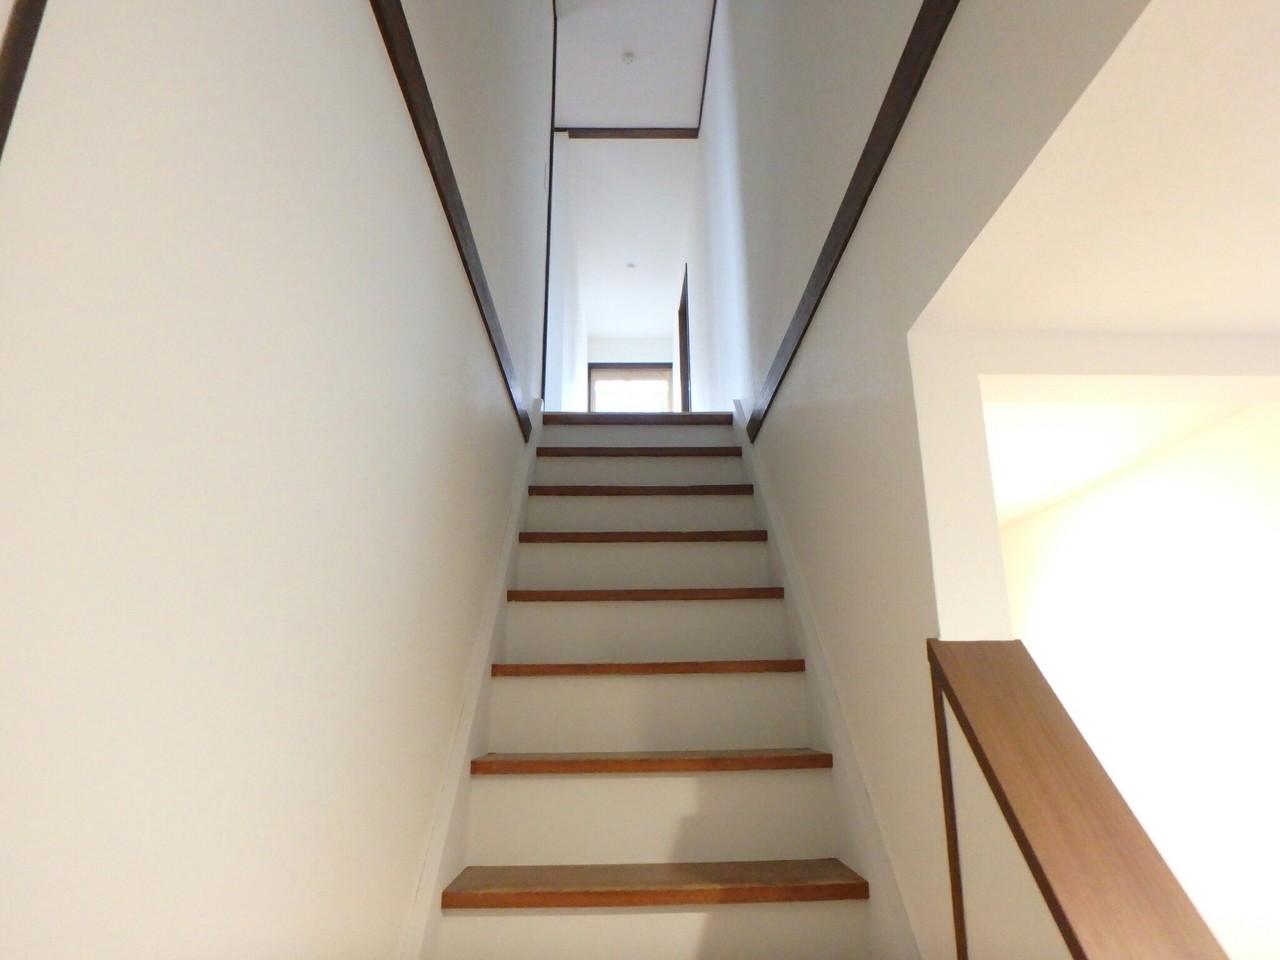 日当たりのよい2階は、ポカポカしていて過ごしやすそうですね。